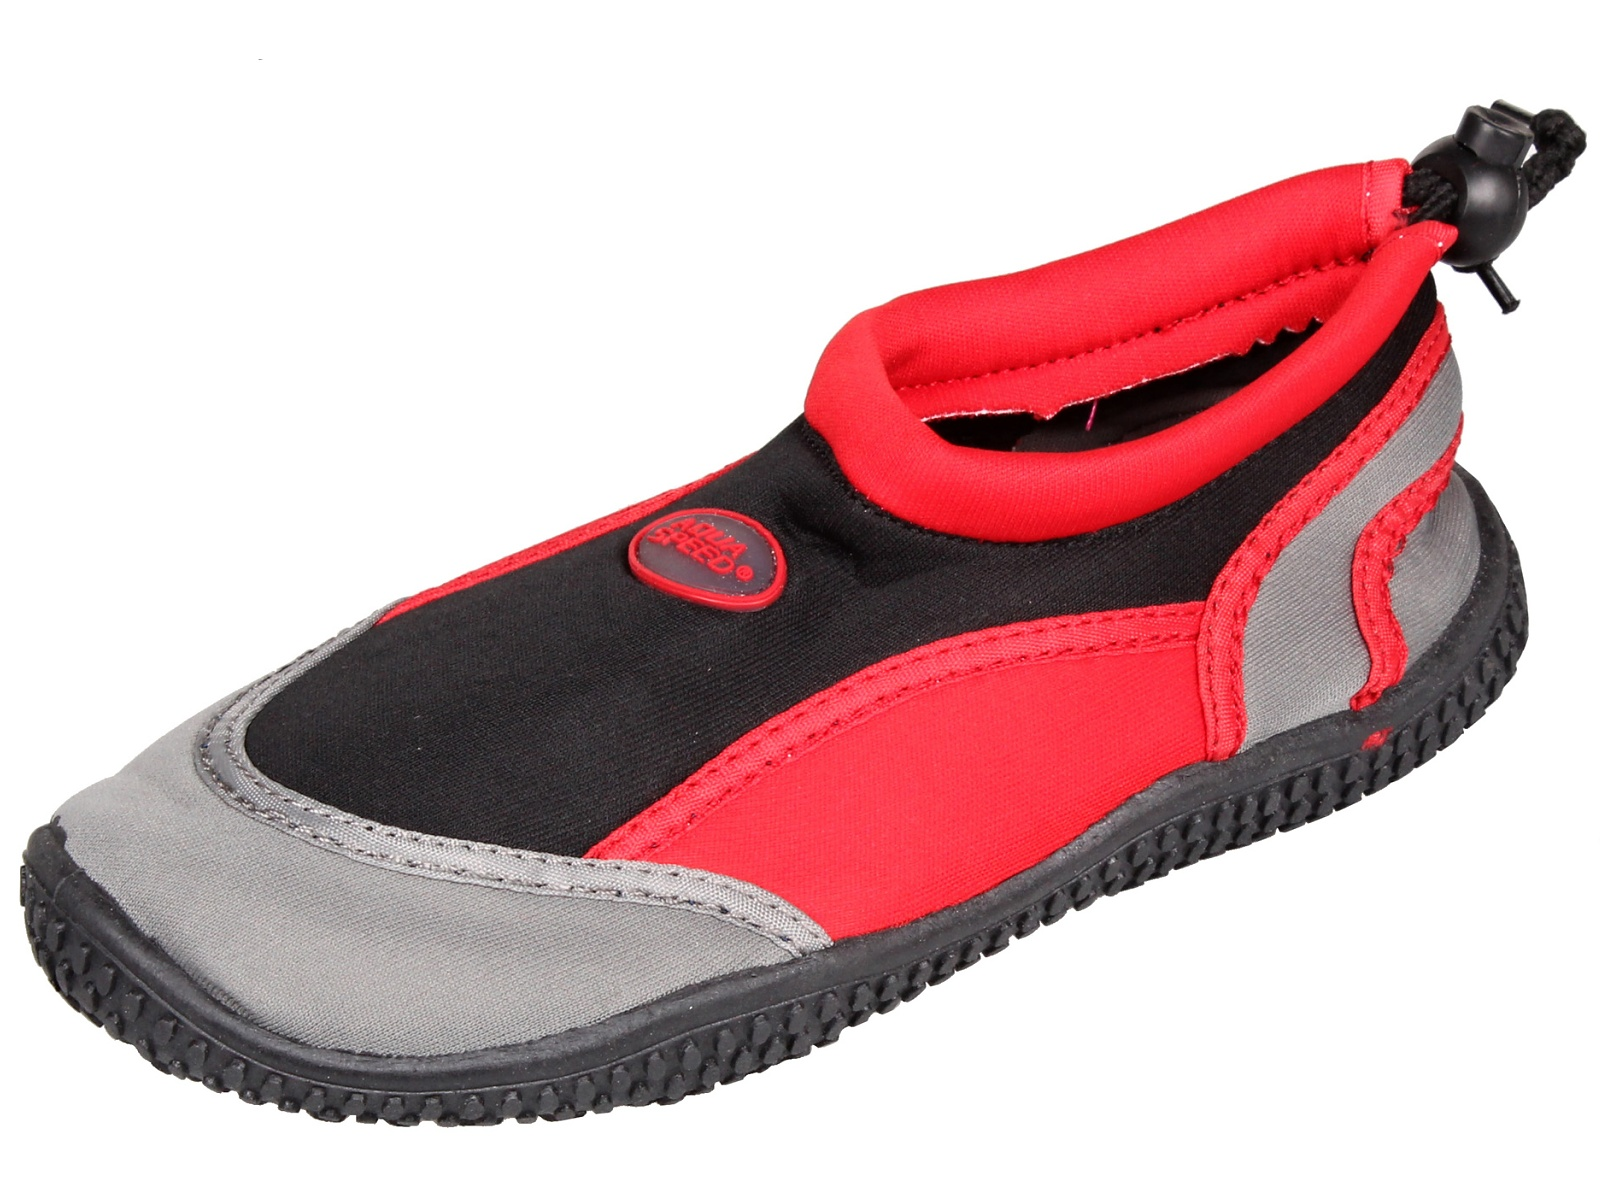 Topánky do vody AQUA-SPEED 21B detské čierne - veľ. 28